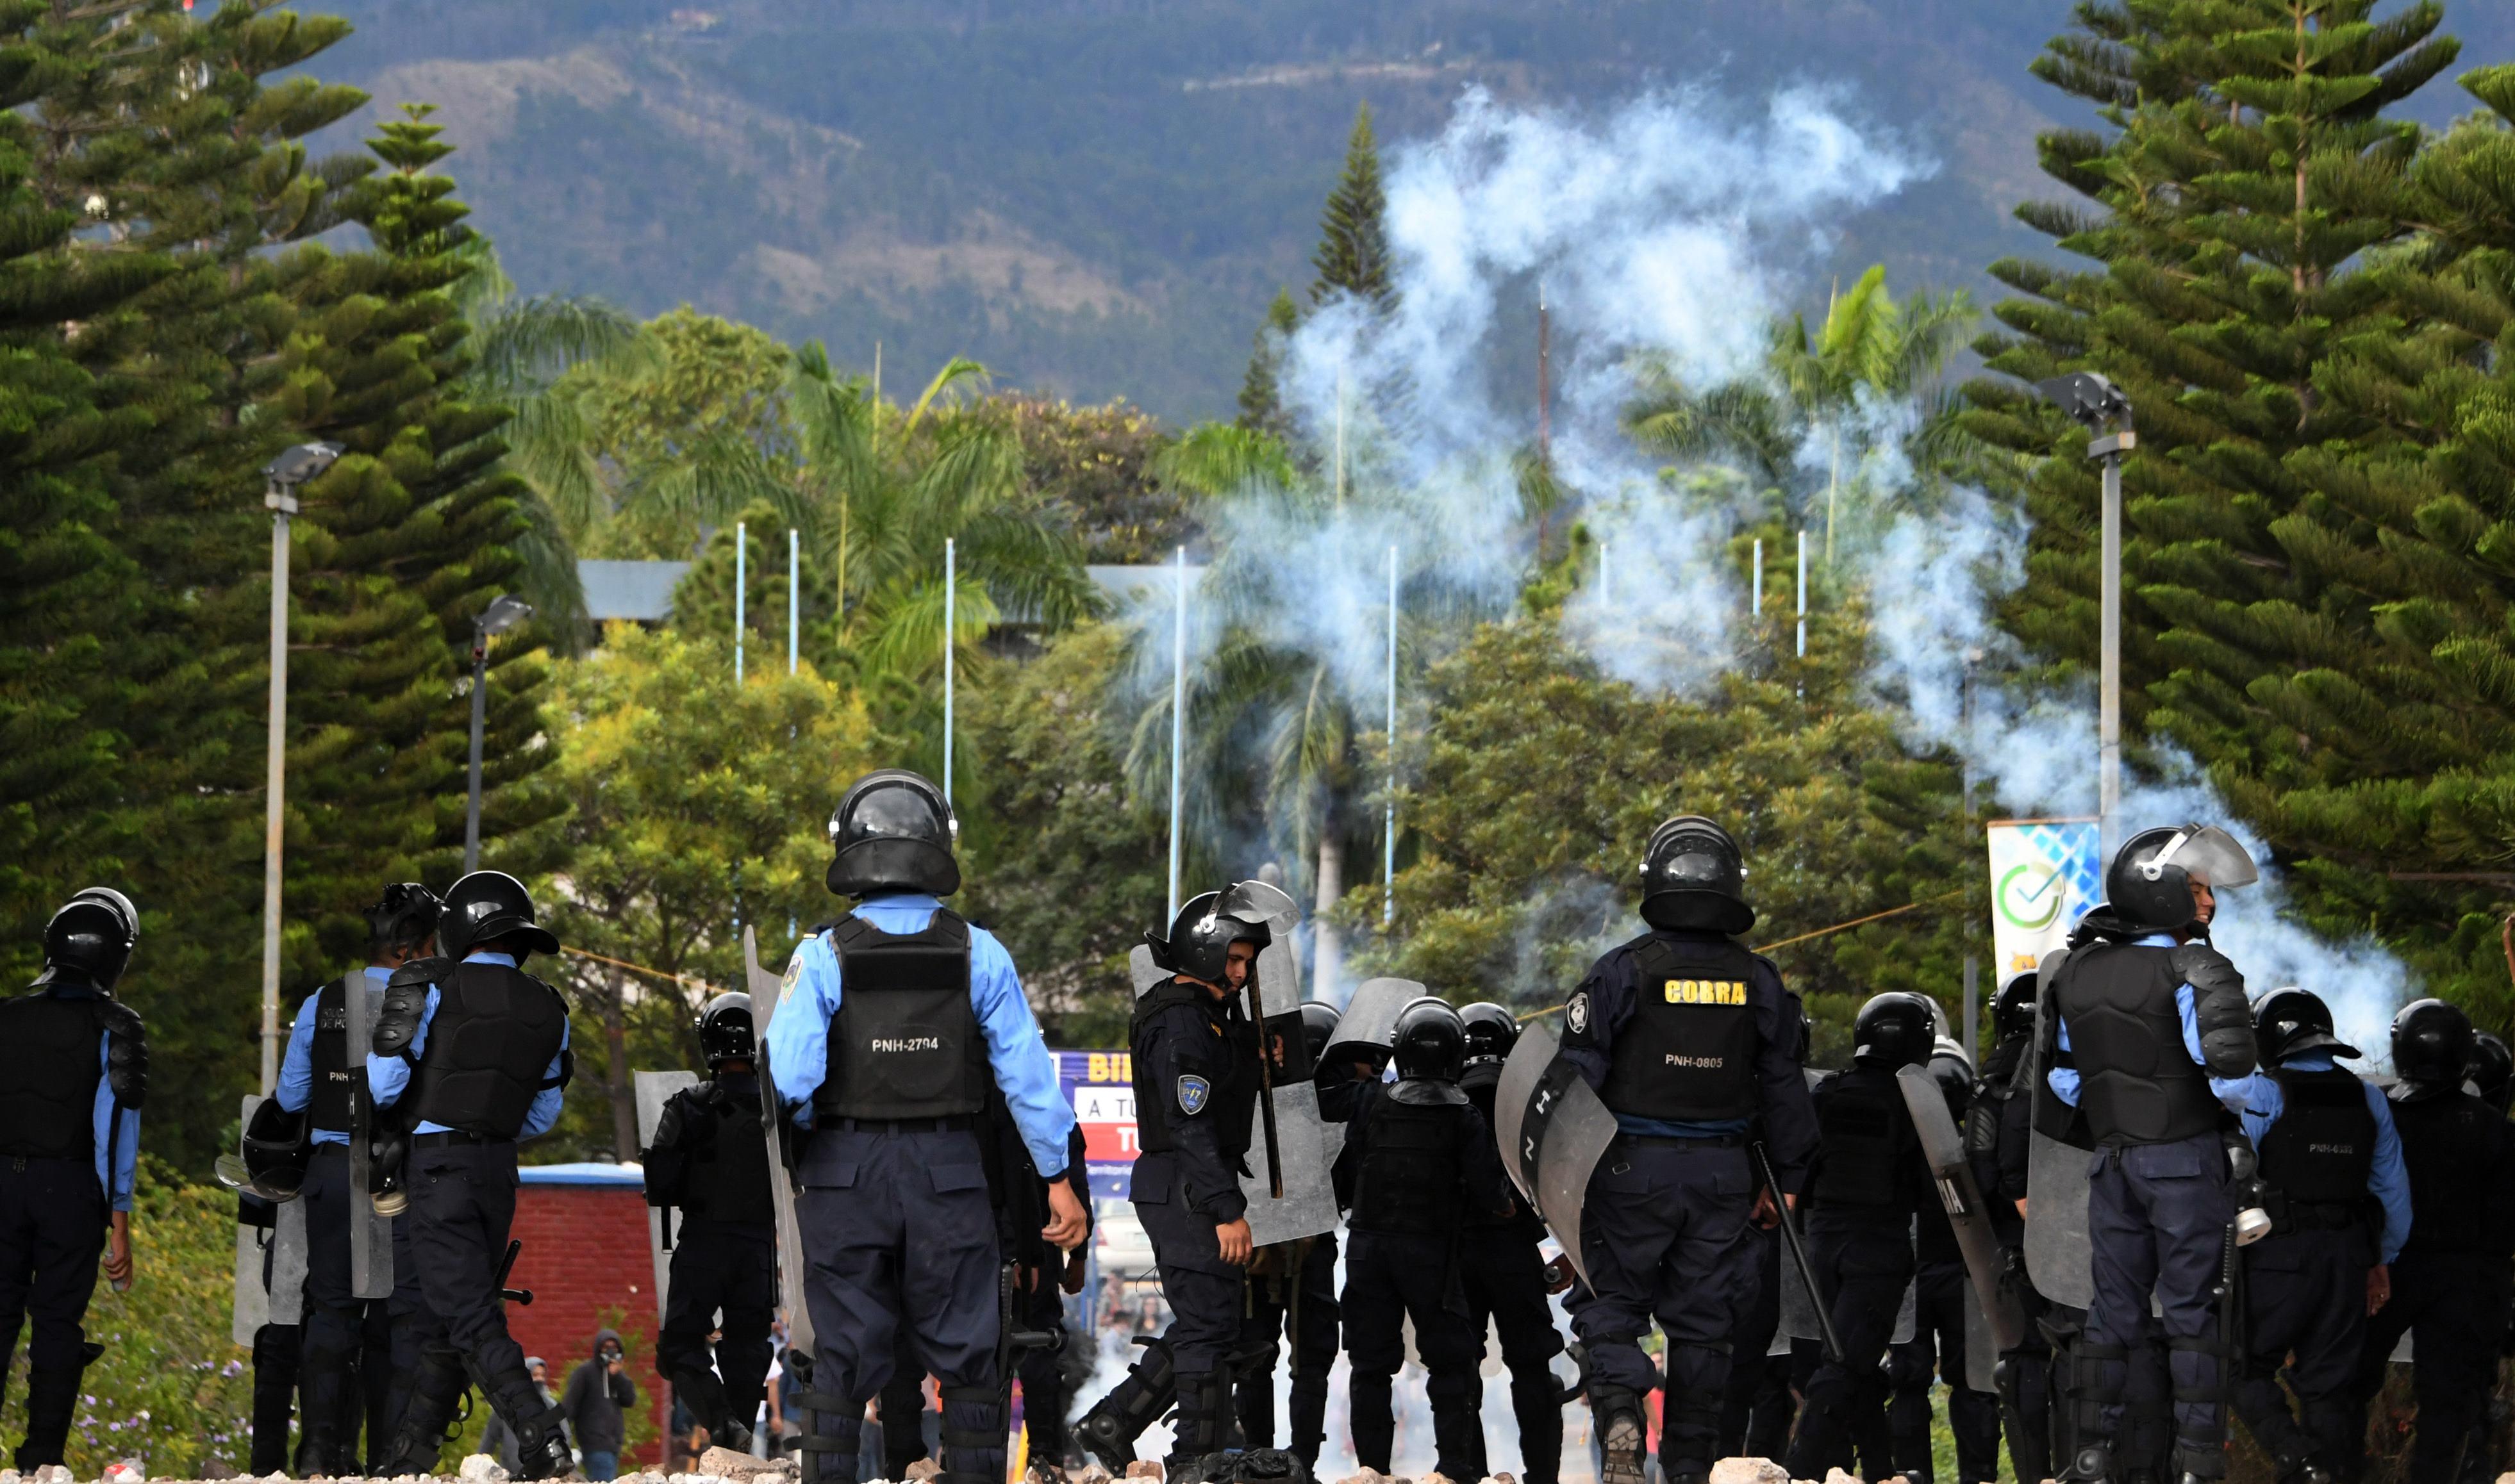 إطلاق الغاز المسيل للدموع